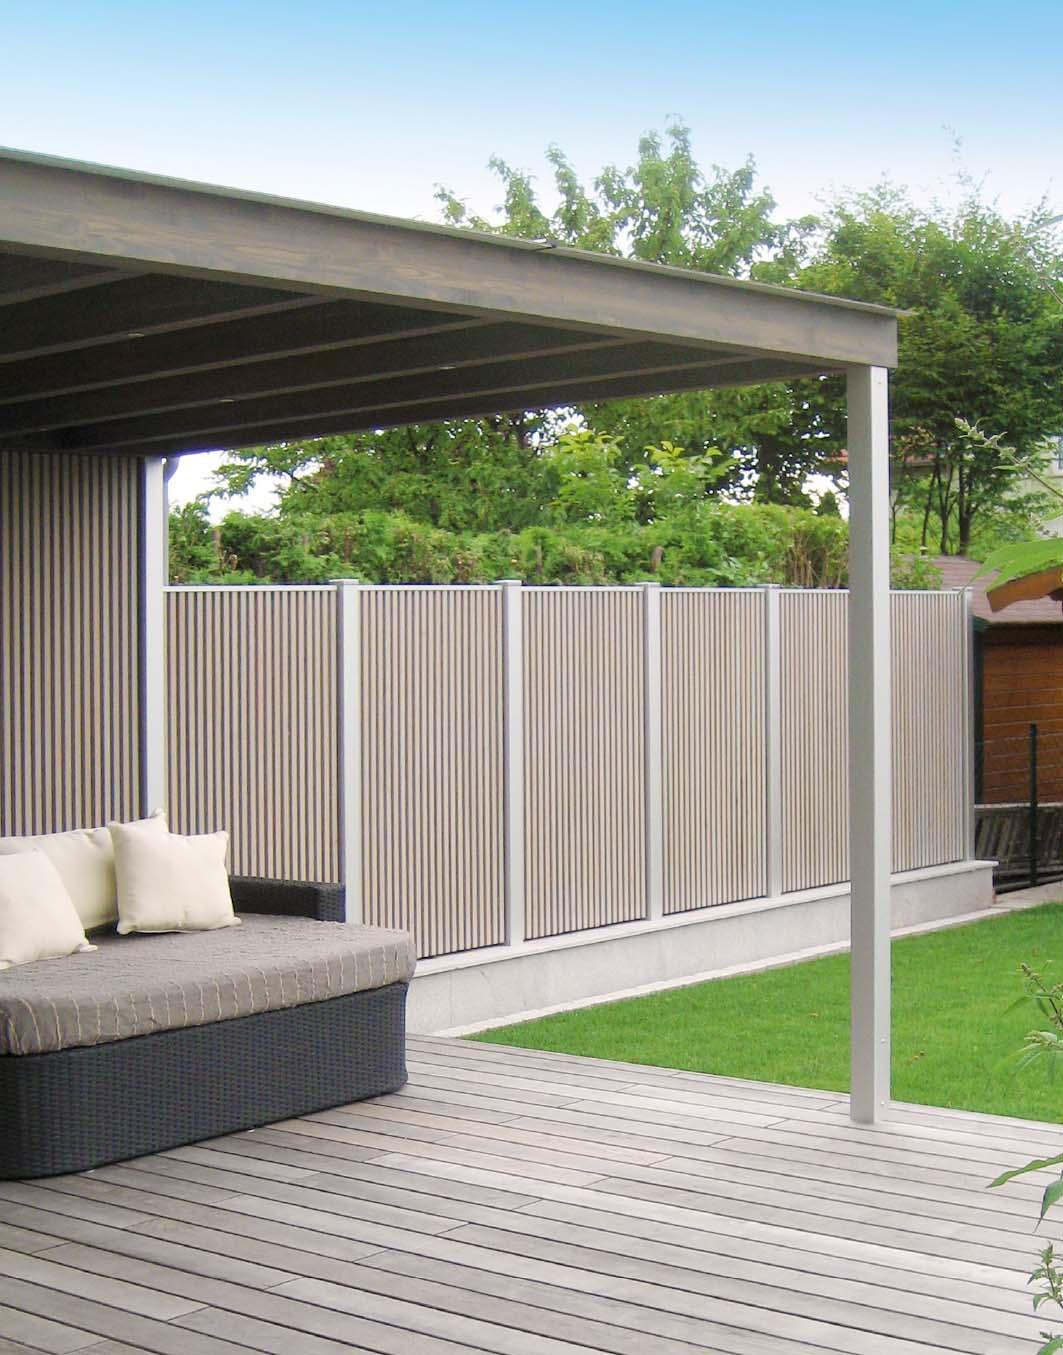 Terrassenuberdachung Modern In Holz Walli Ihr Gartentischler